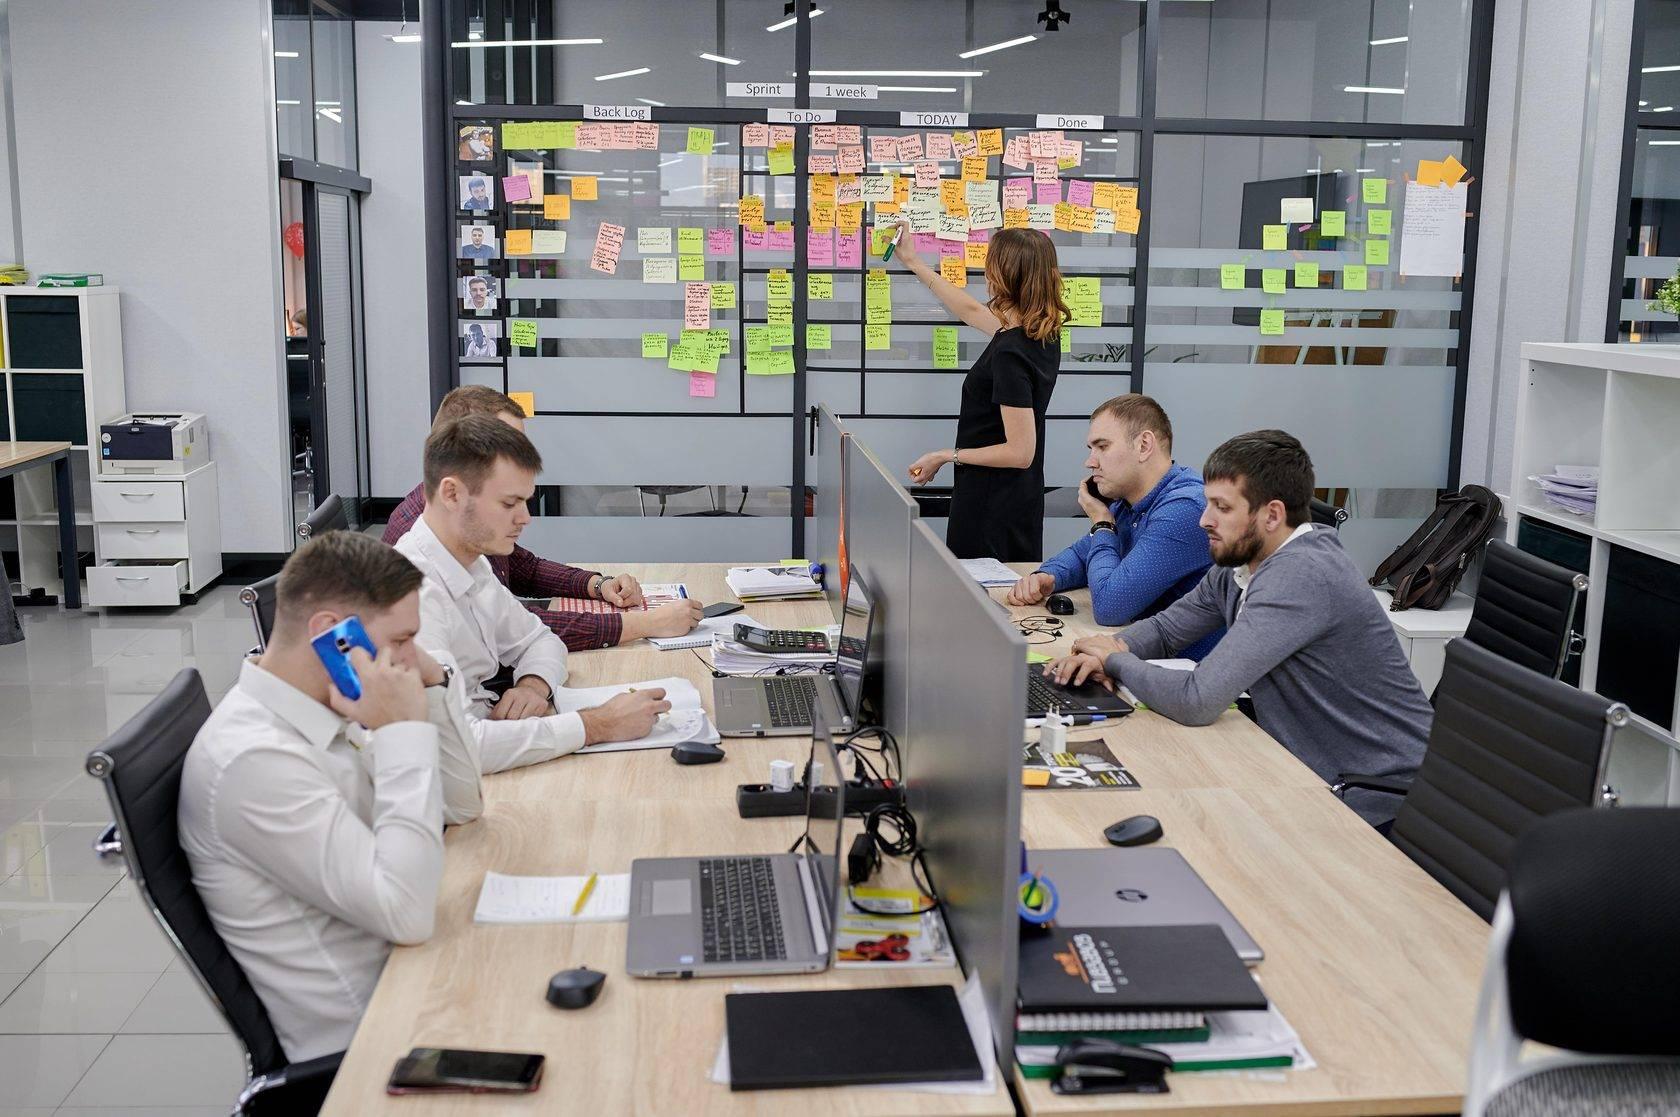 Топ 15 лучших бизнес идей на 2020 год с европы, китая и сша